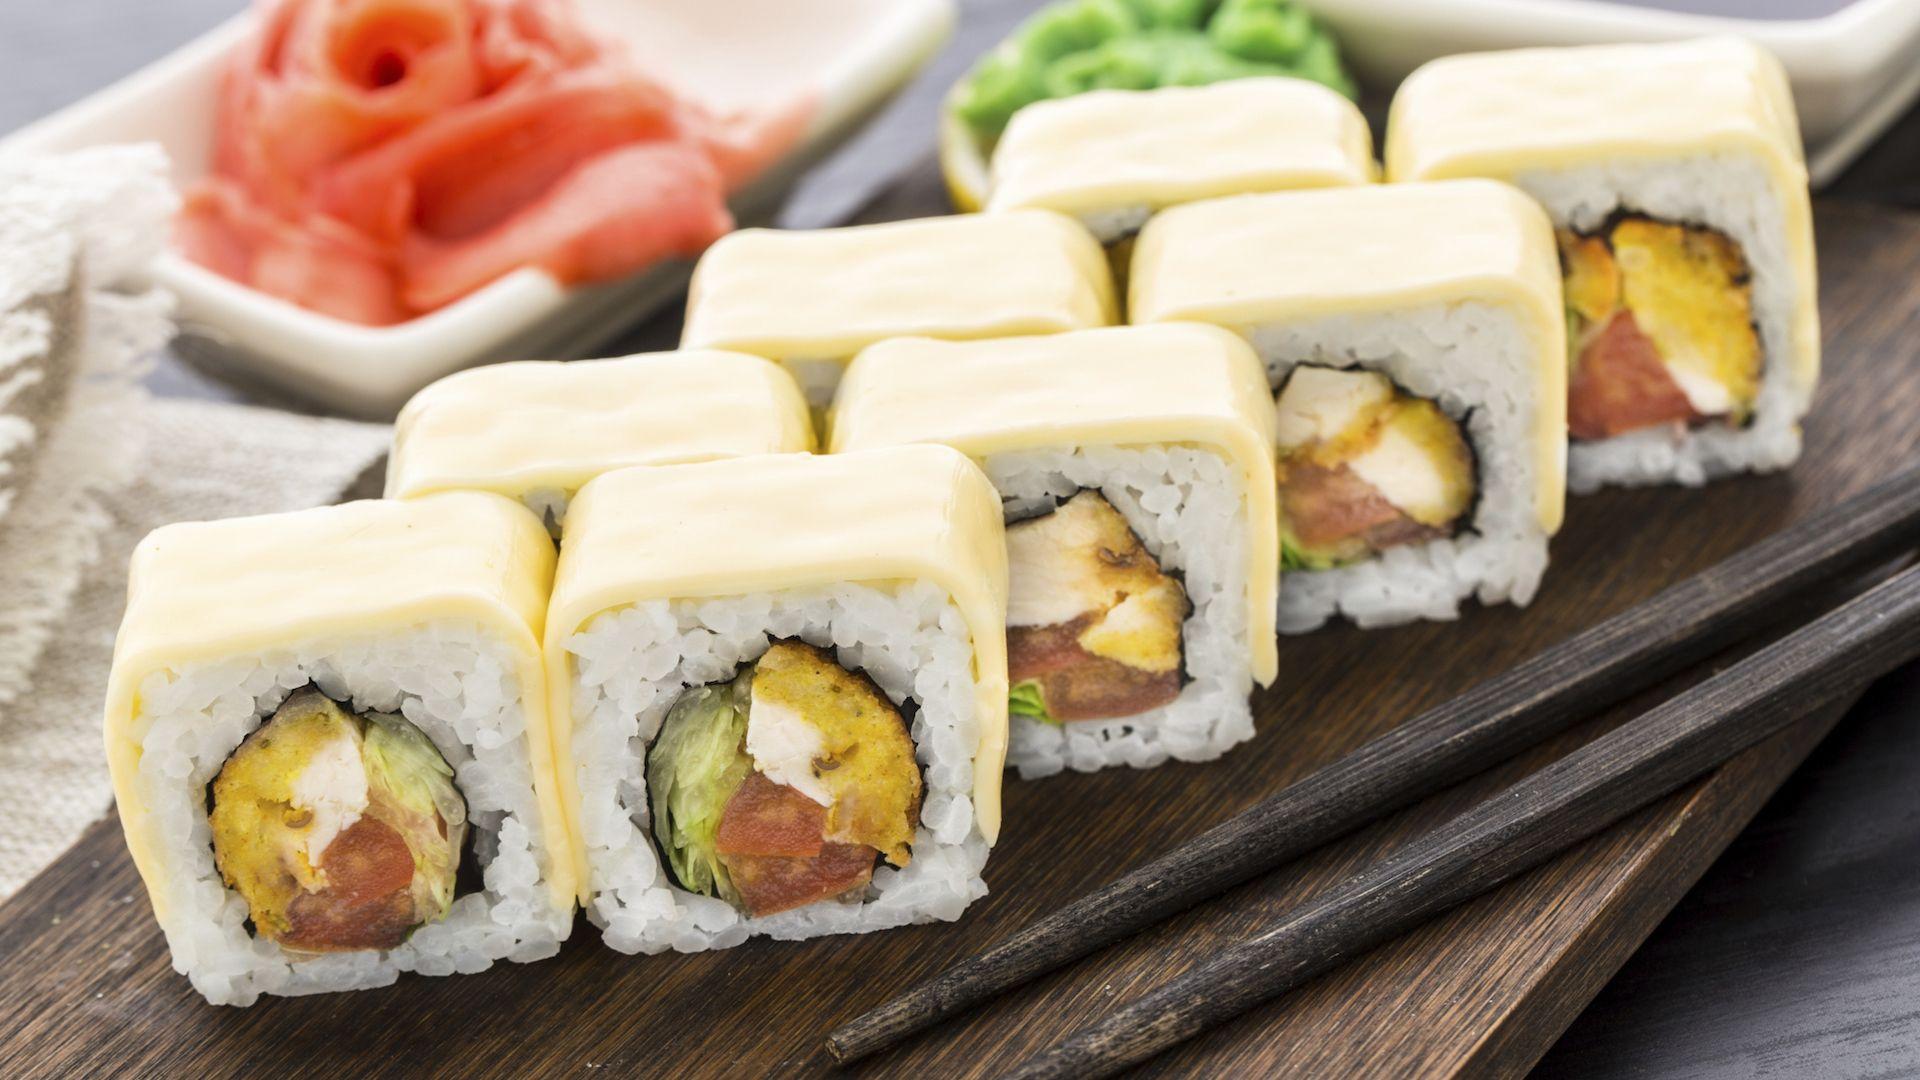 Рейтинг лучших доставок суши и роллов в Уфе в 2021 году